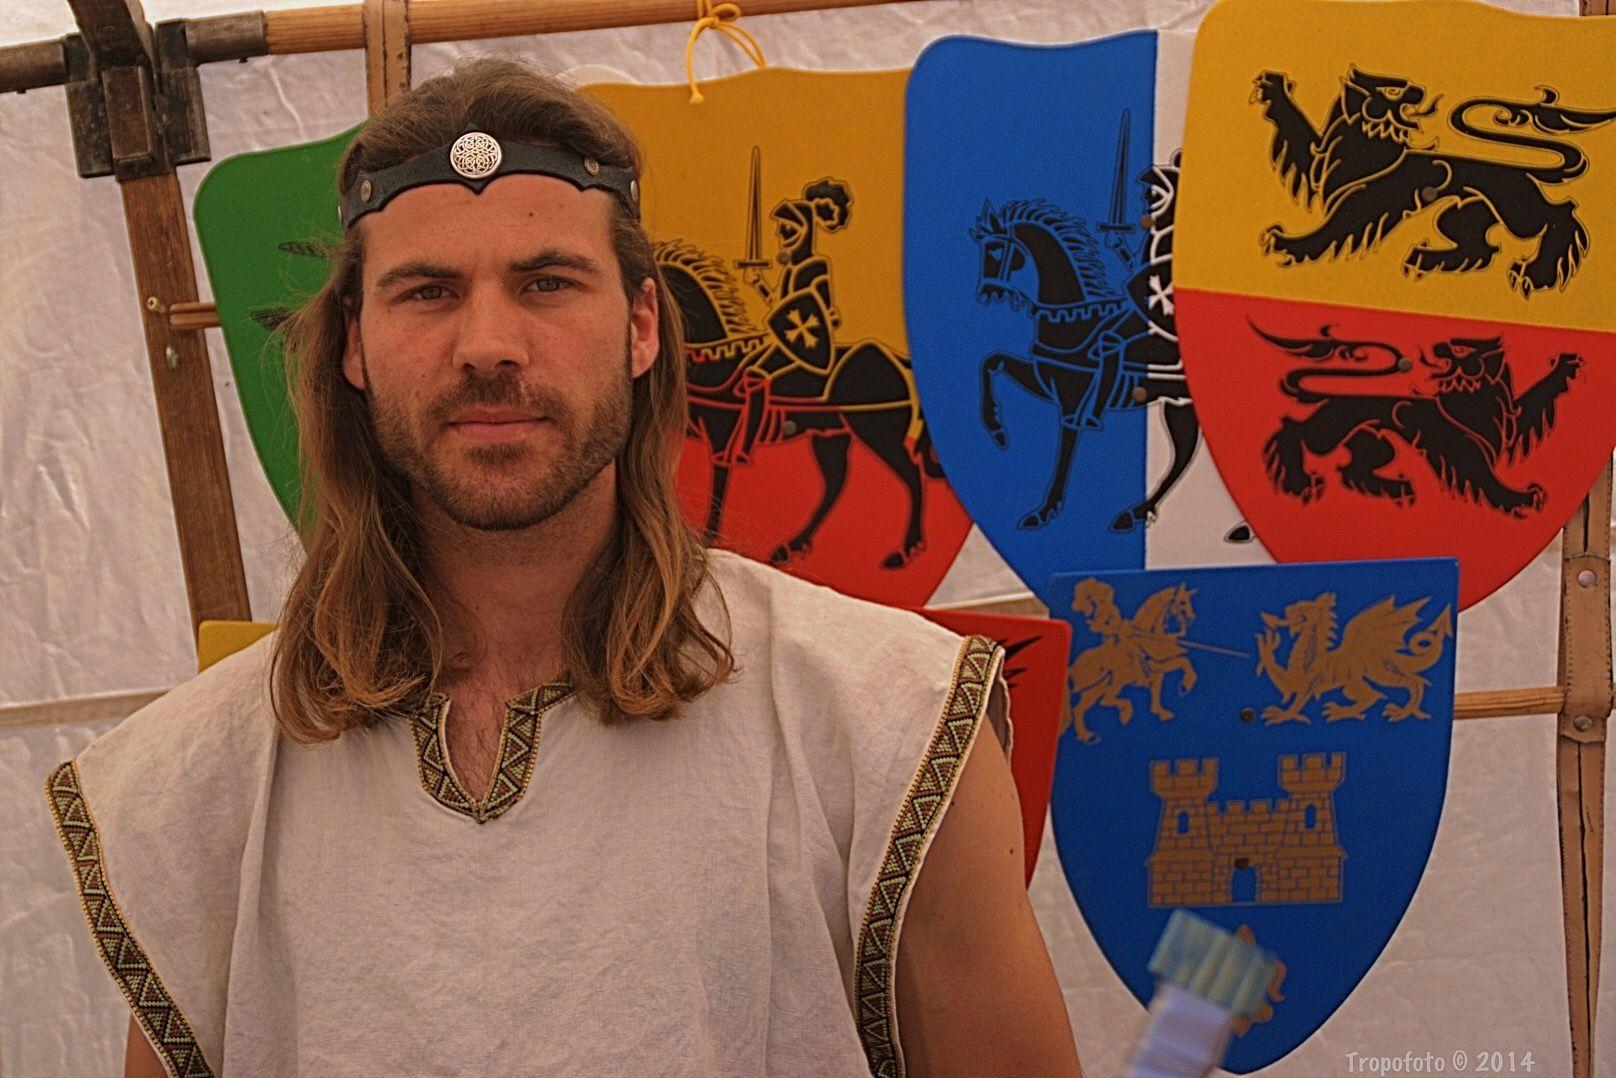 El señor de los escudos (Más info/fotos en http://www.tropofoto.com/2015/04/29/el-senor-de-los-escudos/)